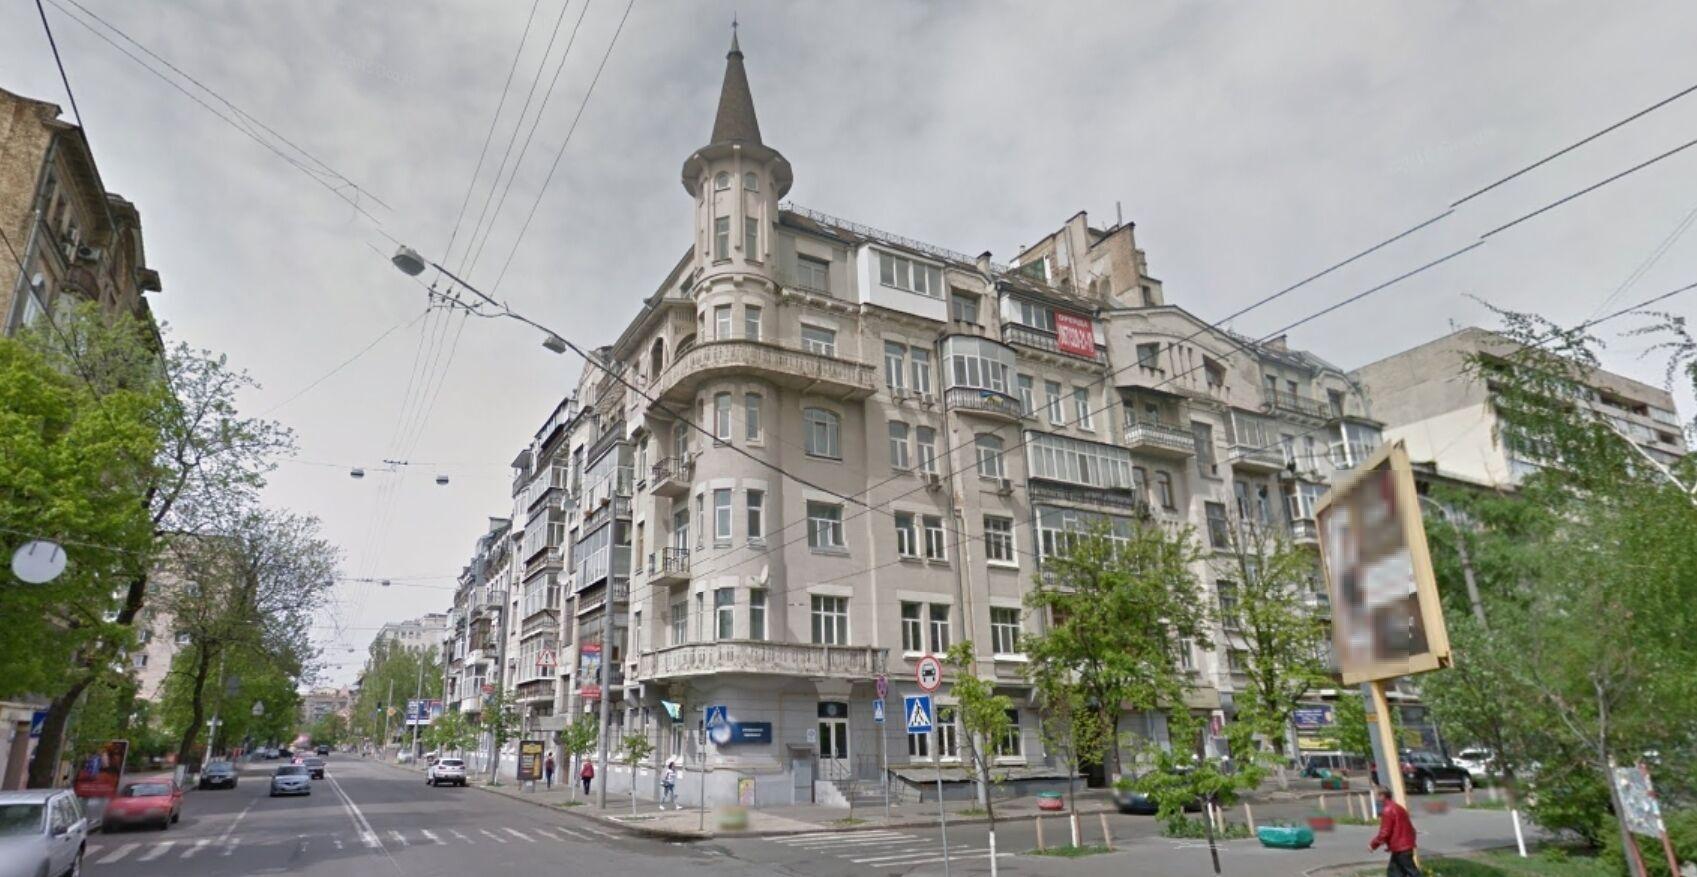 Будинок, у якому розташована квартира Ані Лорак за даними реєстру